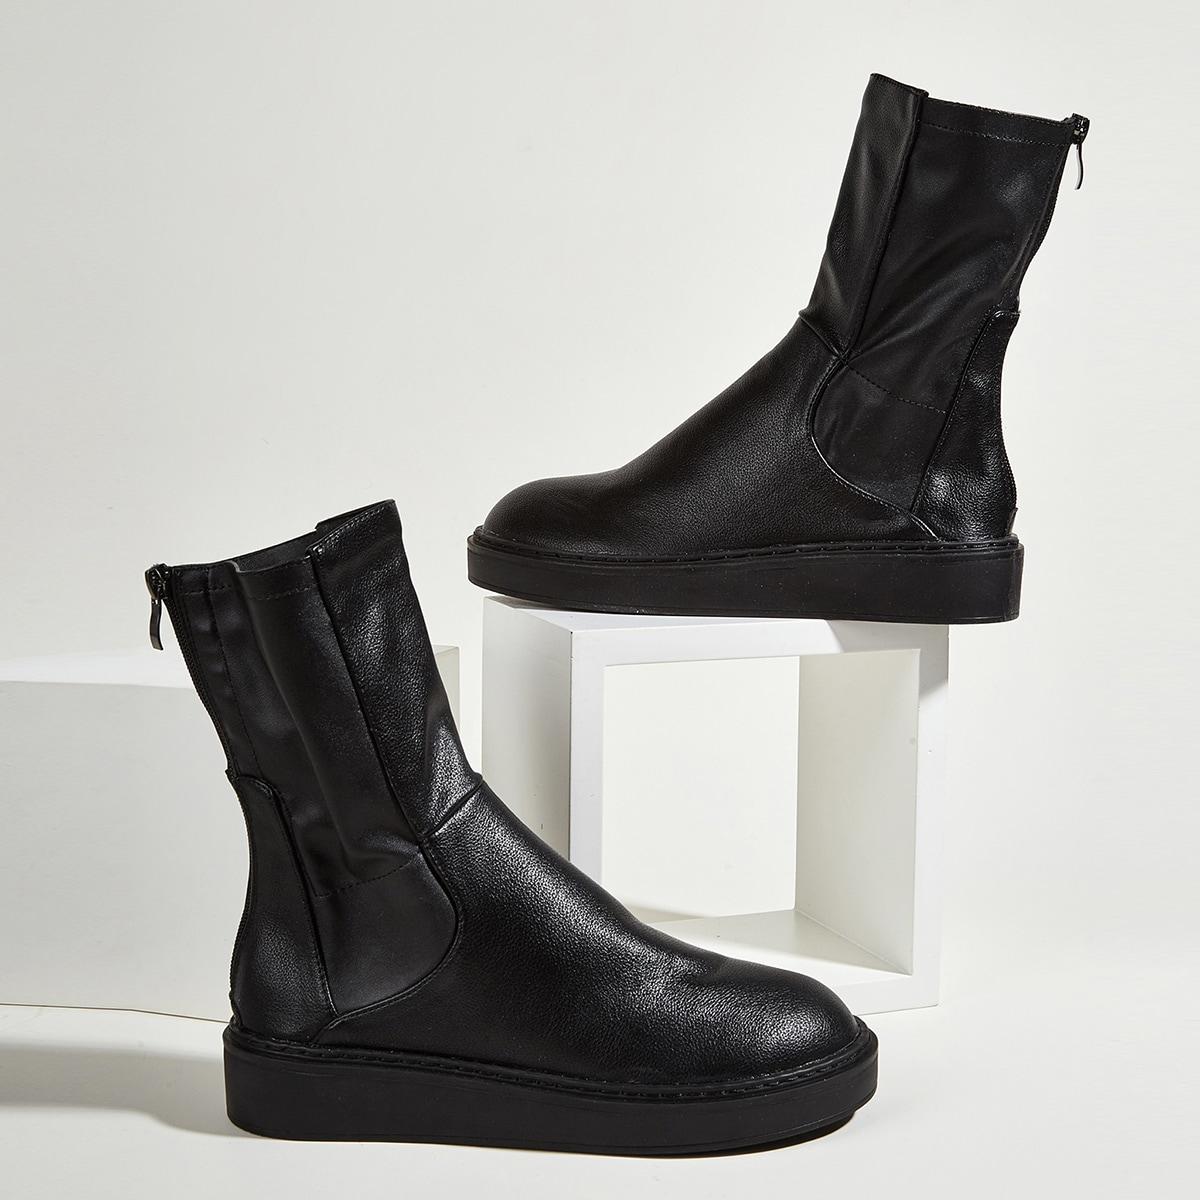 SHEIN / Minimalistische Stiefel mit Reißverschluss hinten